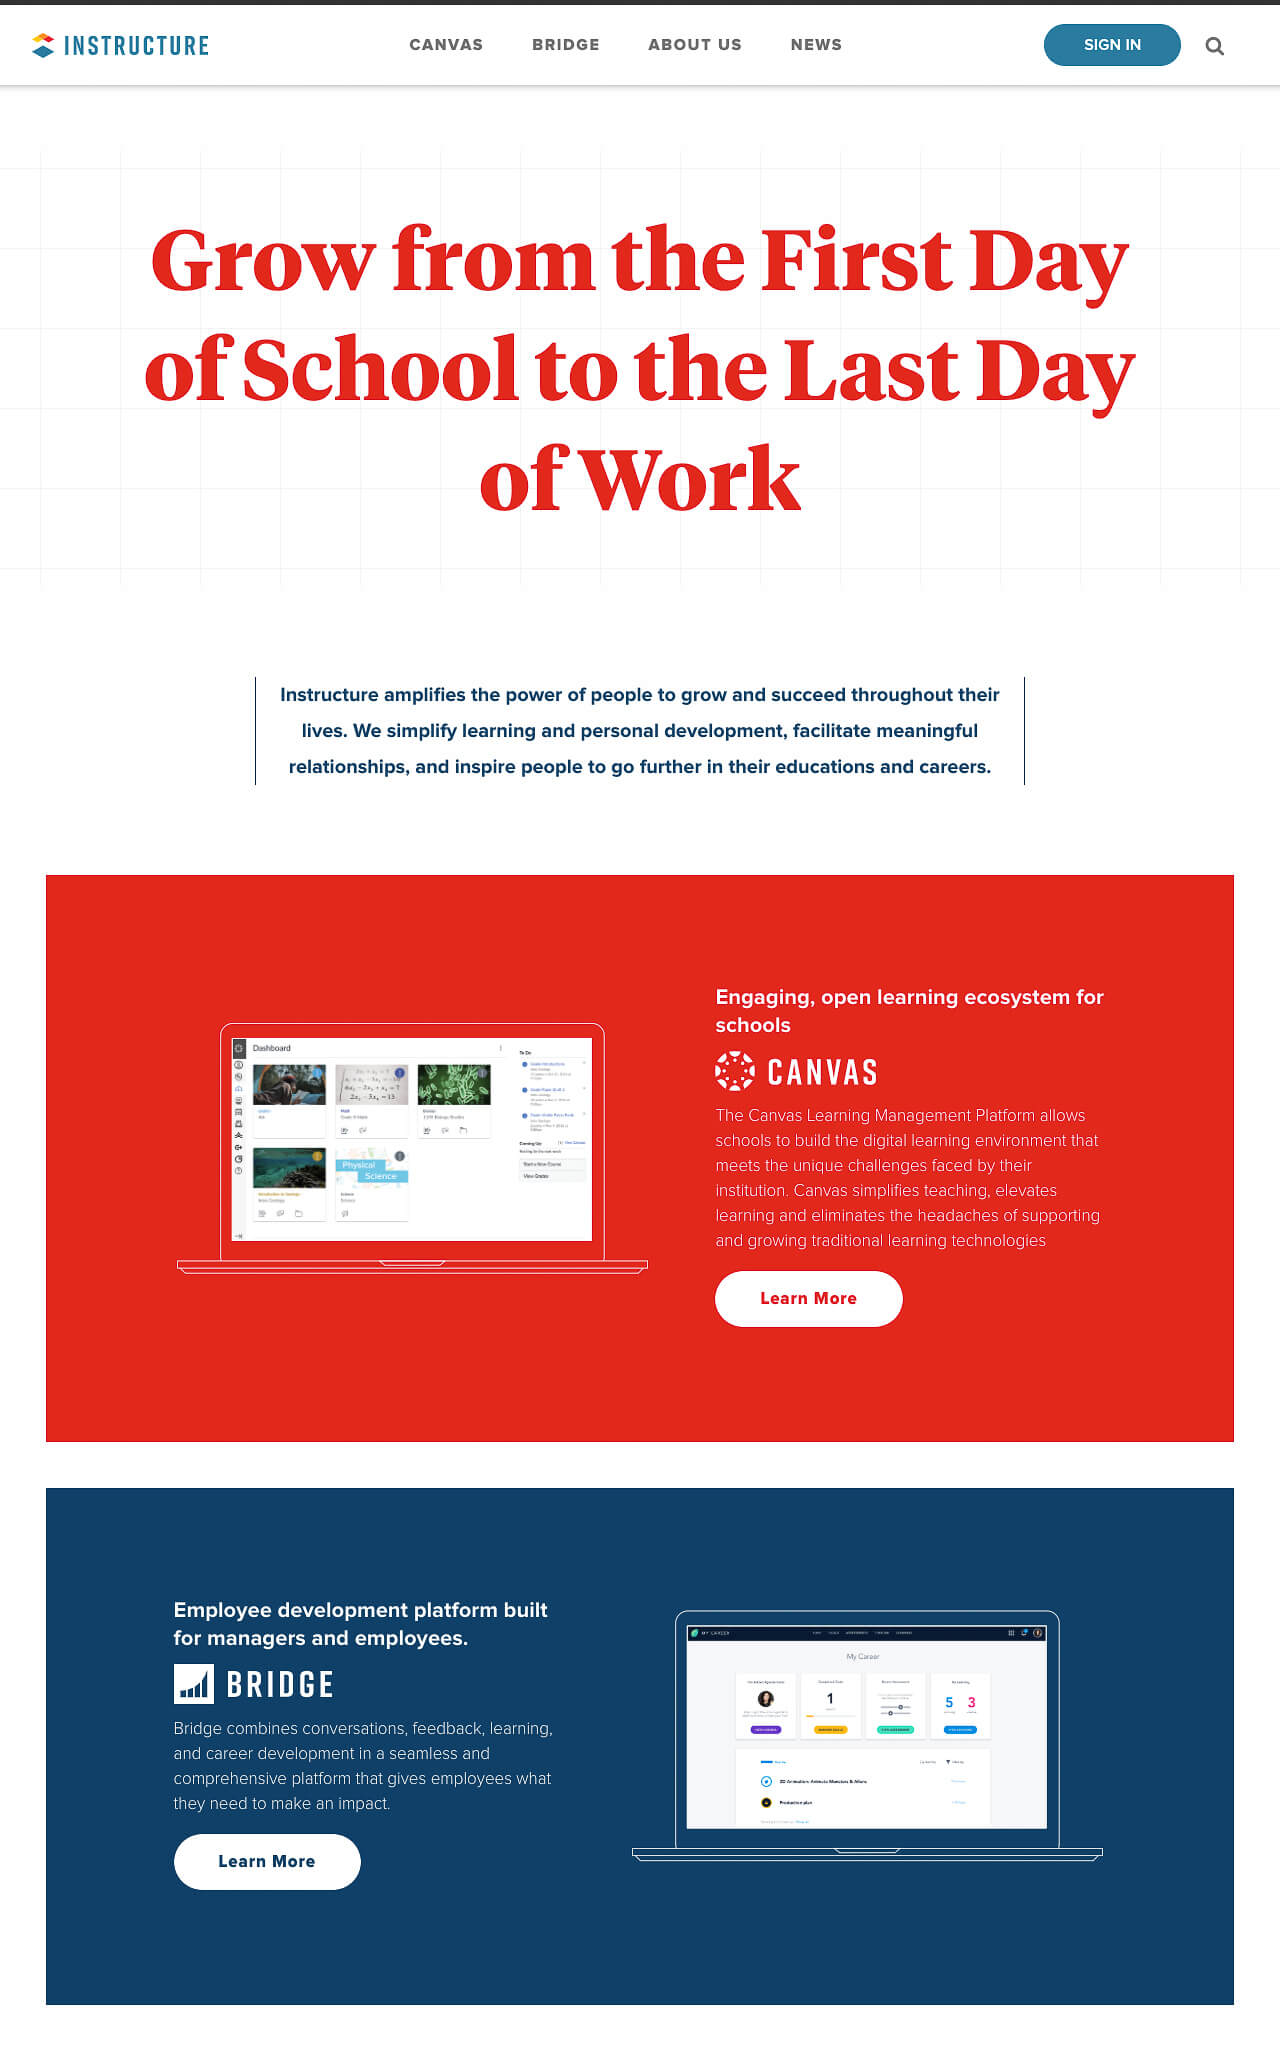 Instructure Website screen capture